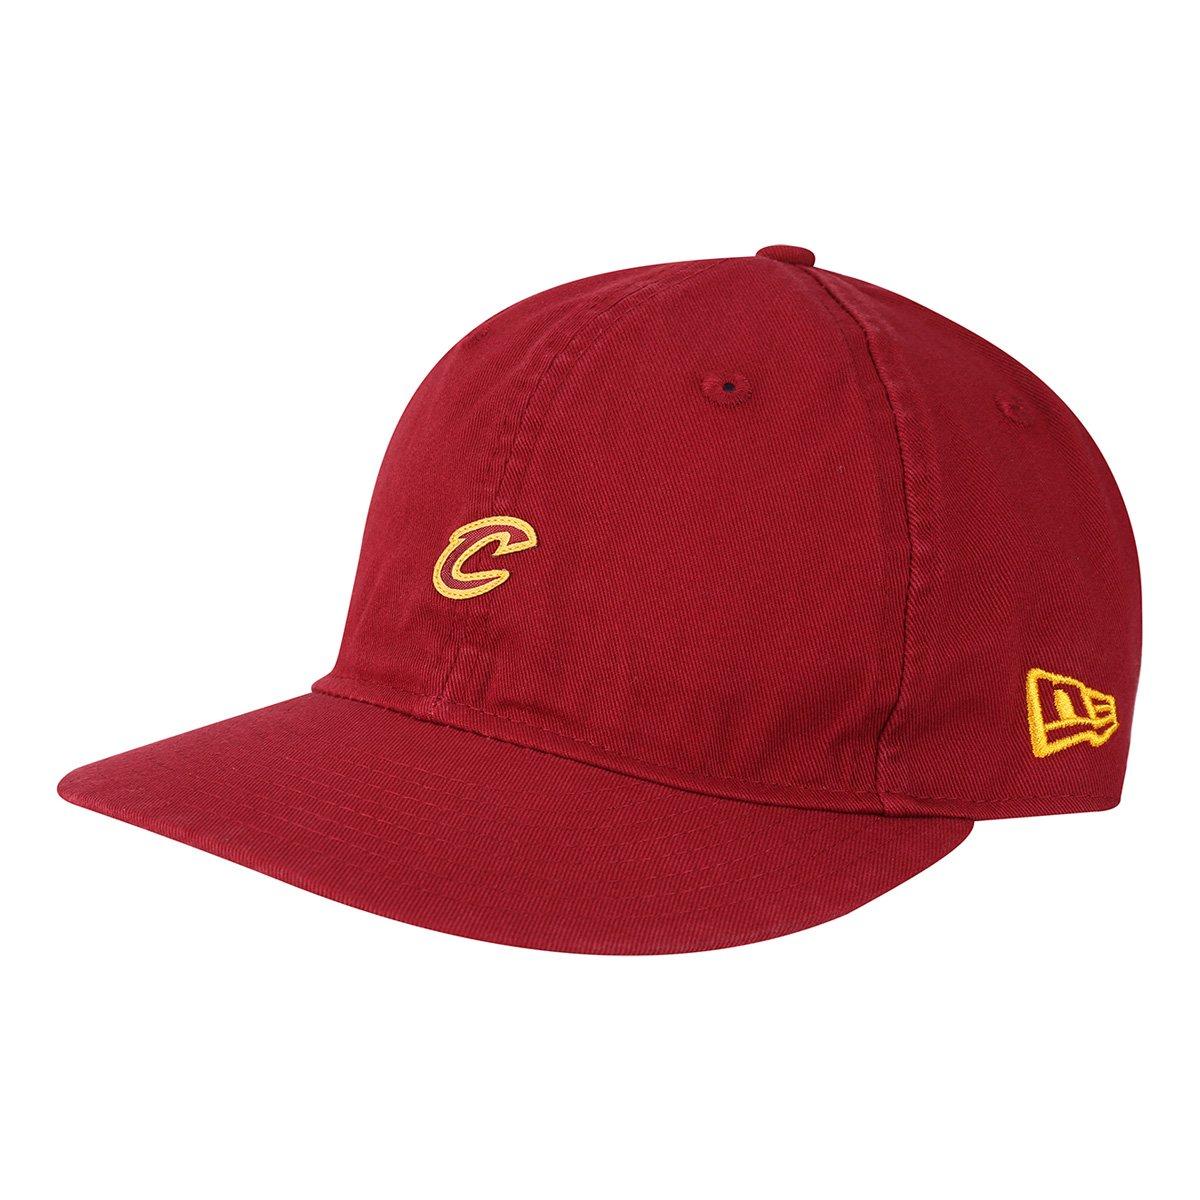 80db4a2c1feee Boné New Era NBA Cleveland Cavaliers Aba Reta 950 Lp St Mini Logo Car -  Vermelho - Compre Agora